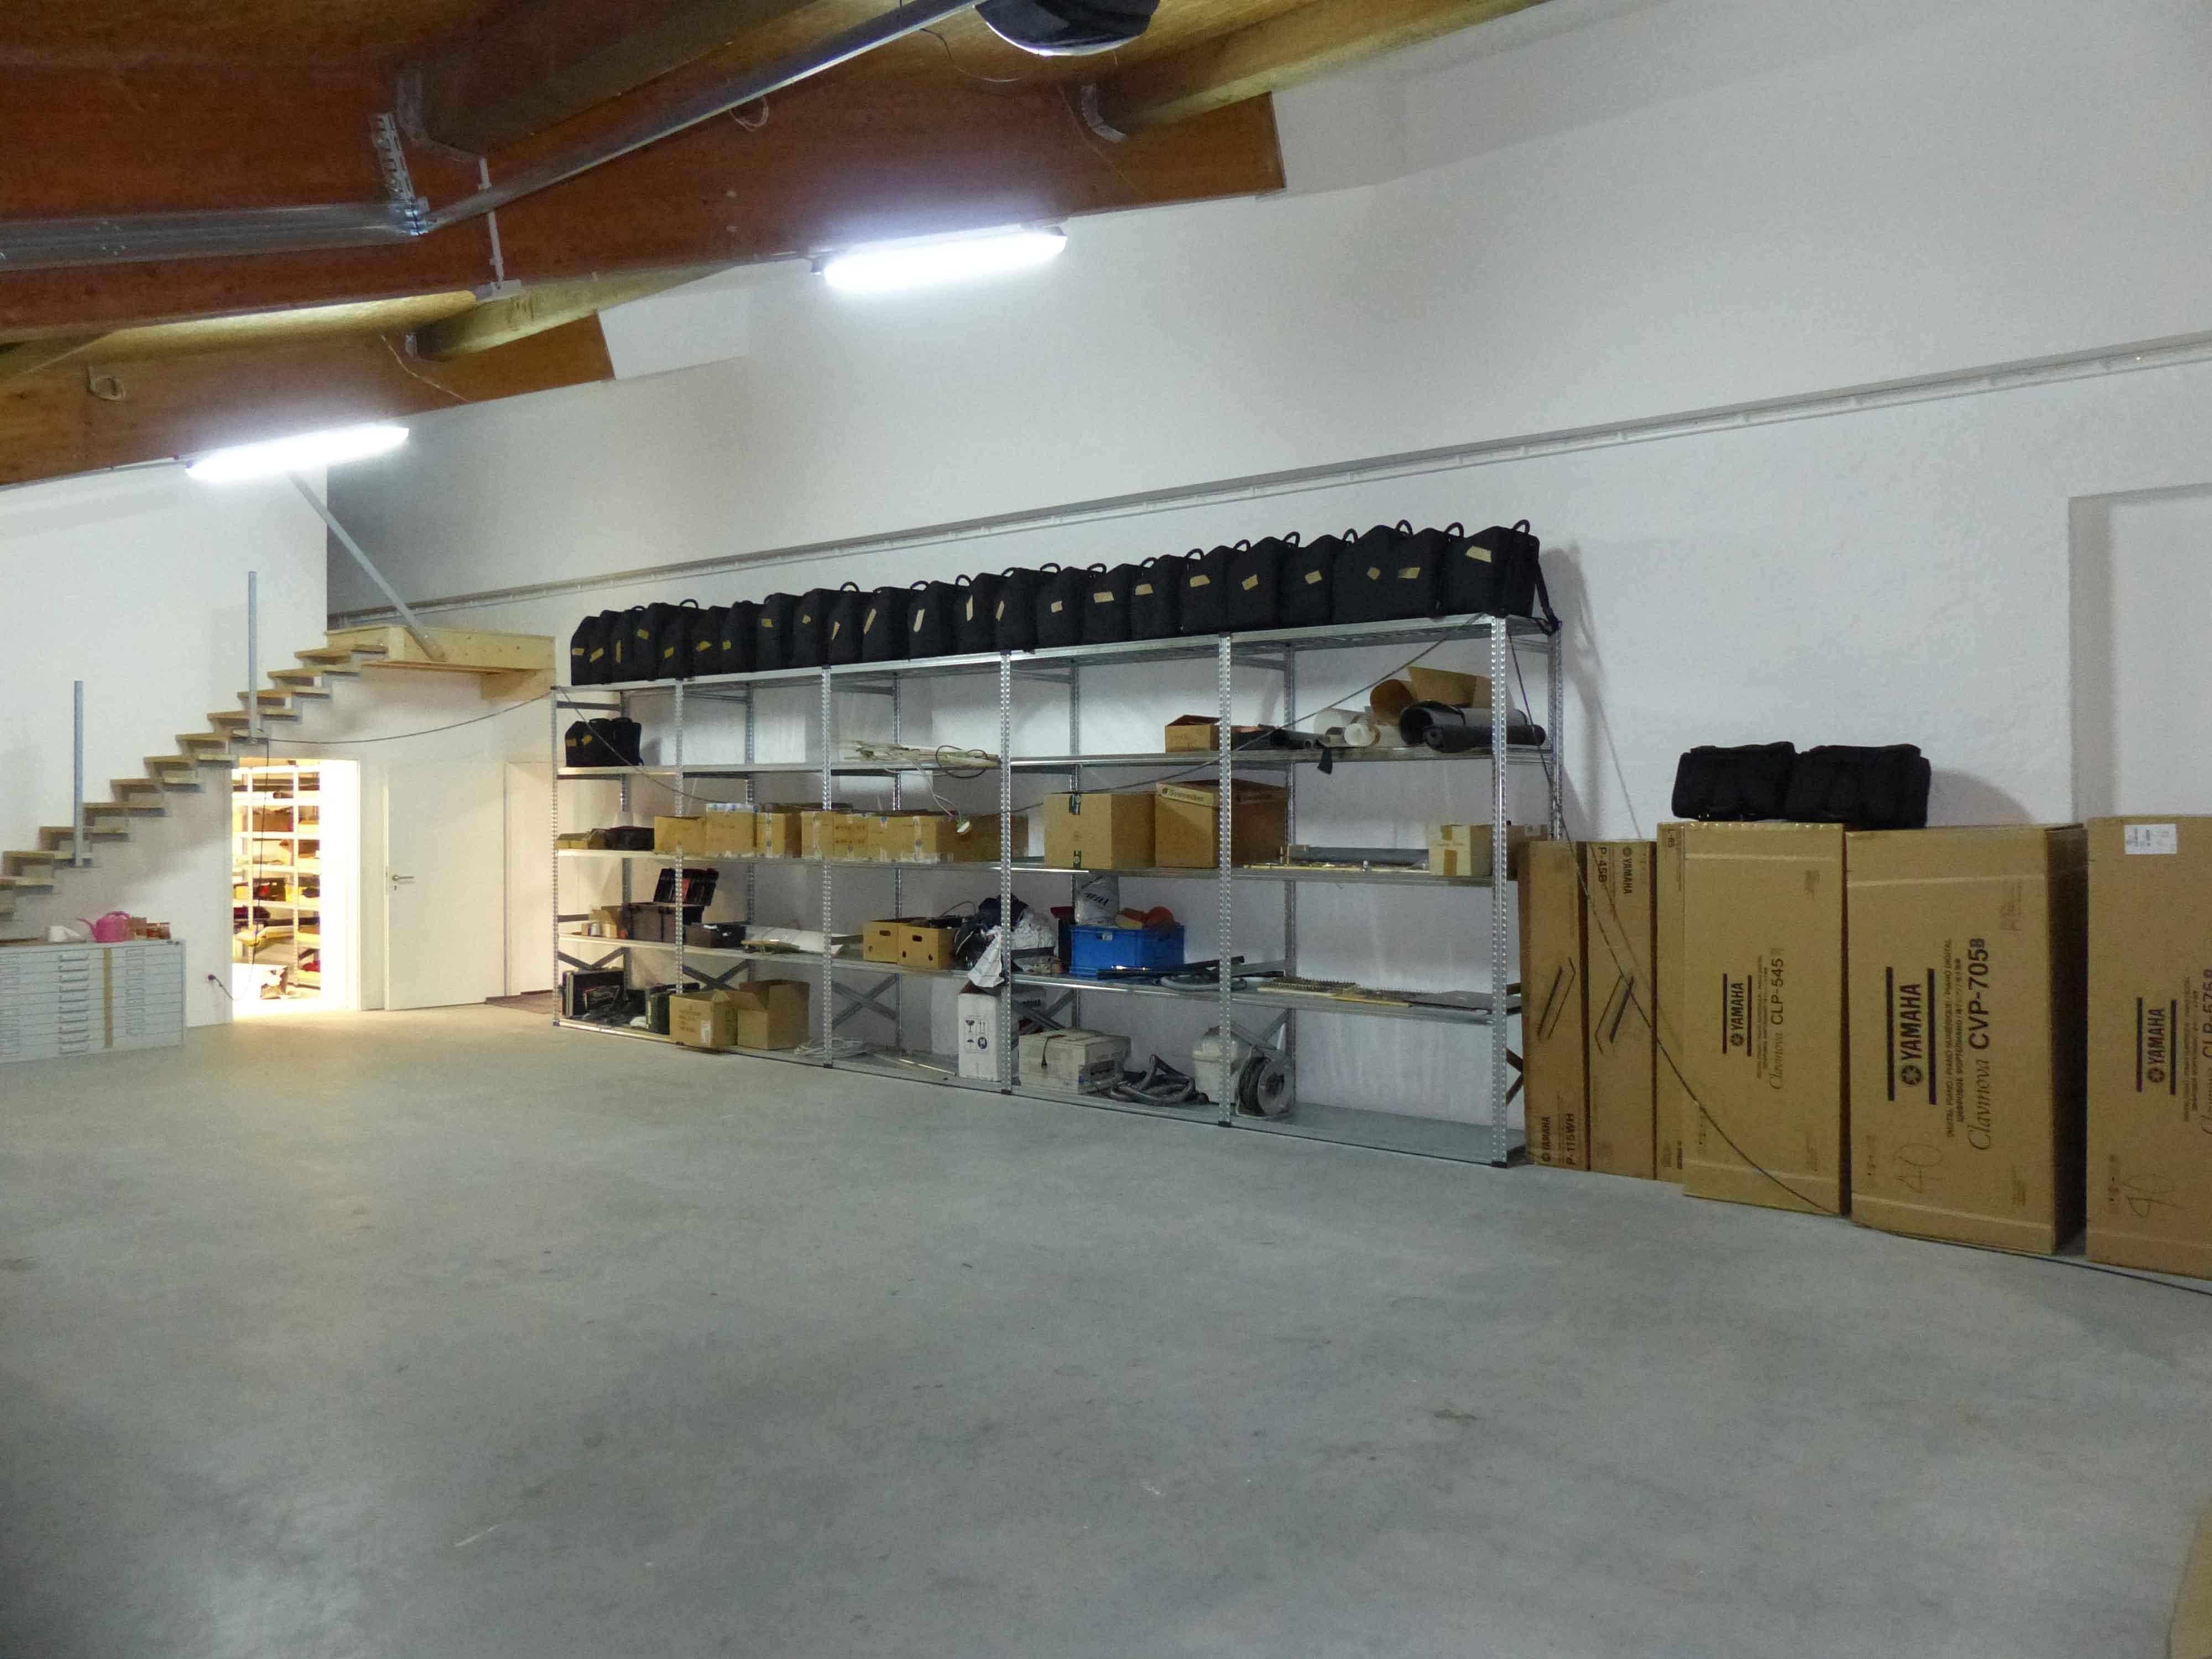 Unser Lager bietet Platz ohne Ende - die ersten E-Pianos sind auch schon da